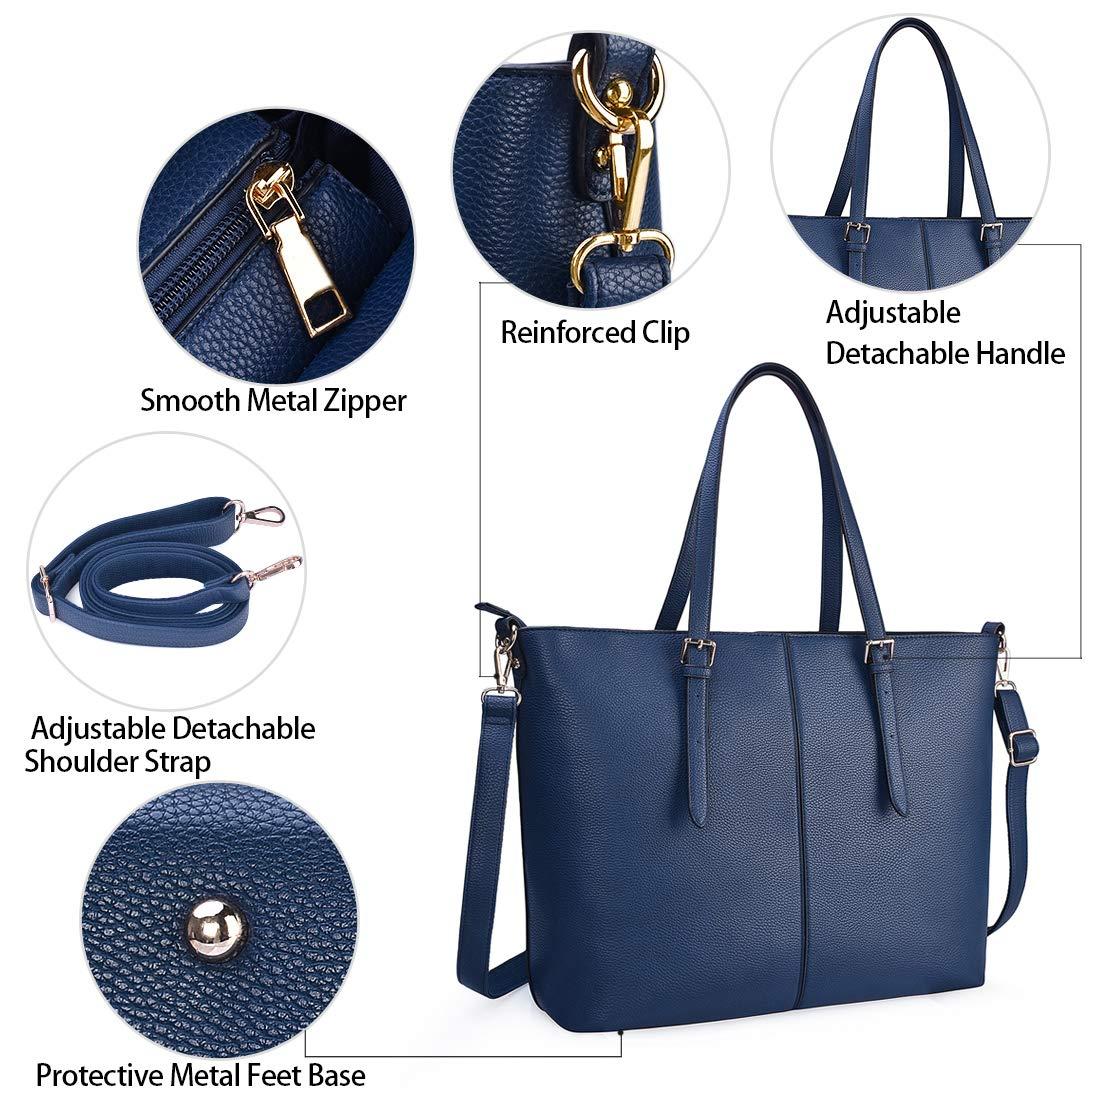 NUBILY Bolsos de Mujer Bolso para Portatil 15.6 Pulgadas Bolso Grande Bolso Tote Bolso de Hombro Bolso Shopper Bolso de Cuero Azul